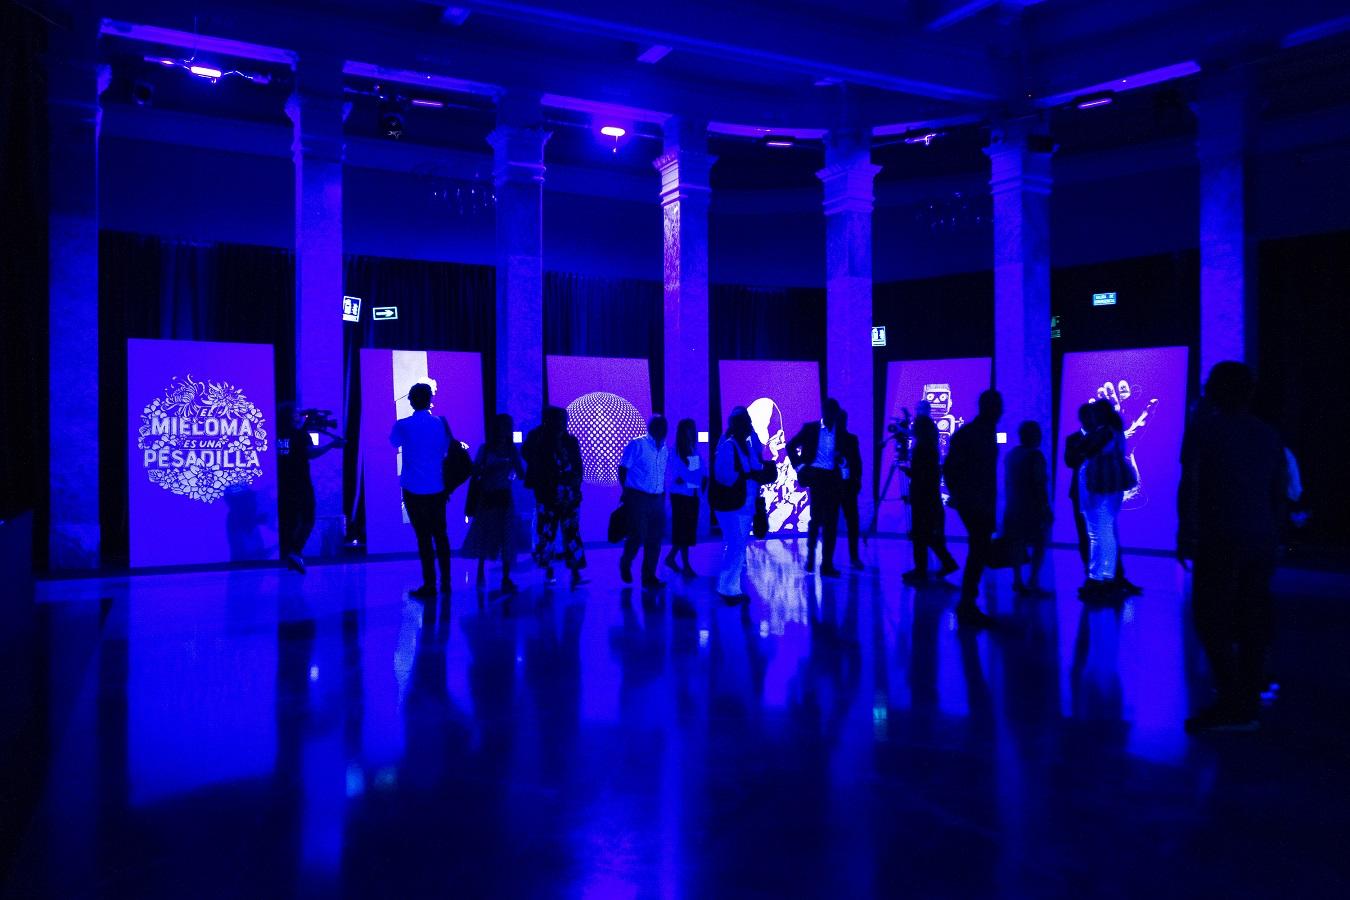 2019-09-05_Día-Mundial-Mieloma-Múltiple_Exposición-LOQUENOVES_2